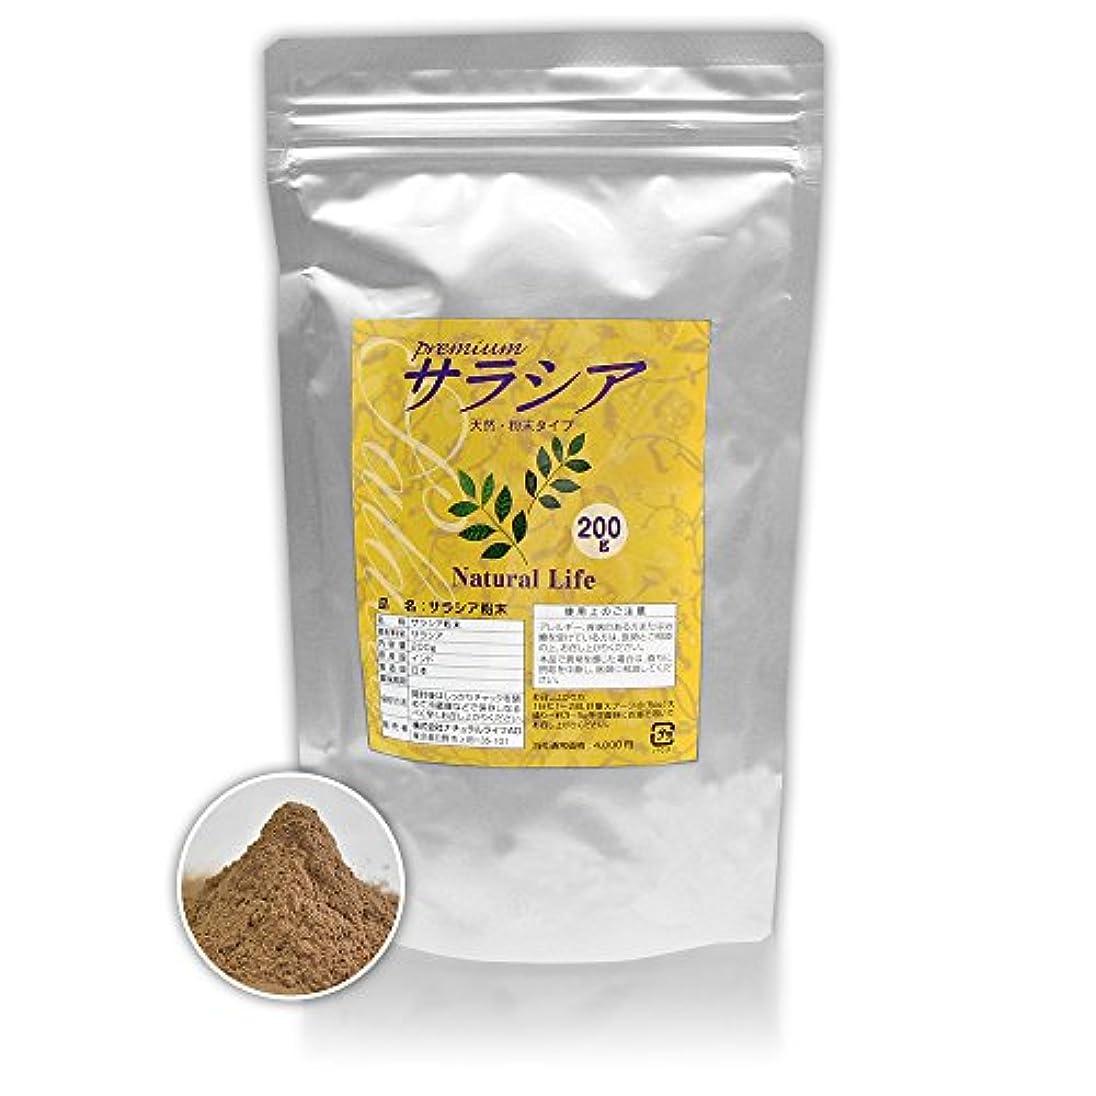 達成する恐怖三サラシア粉末[200g]天然ピュア原料(無添加)健康食品(さらしあ,レティキュラータ)